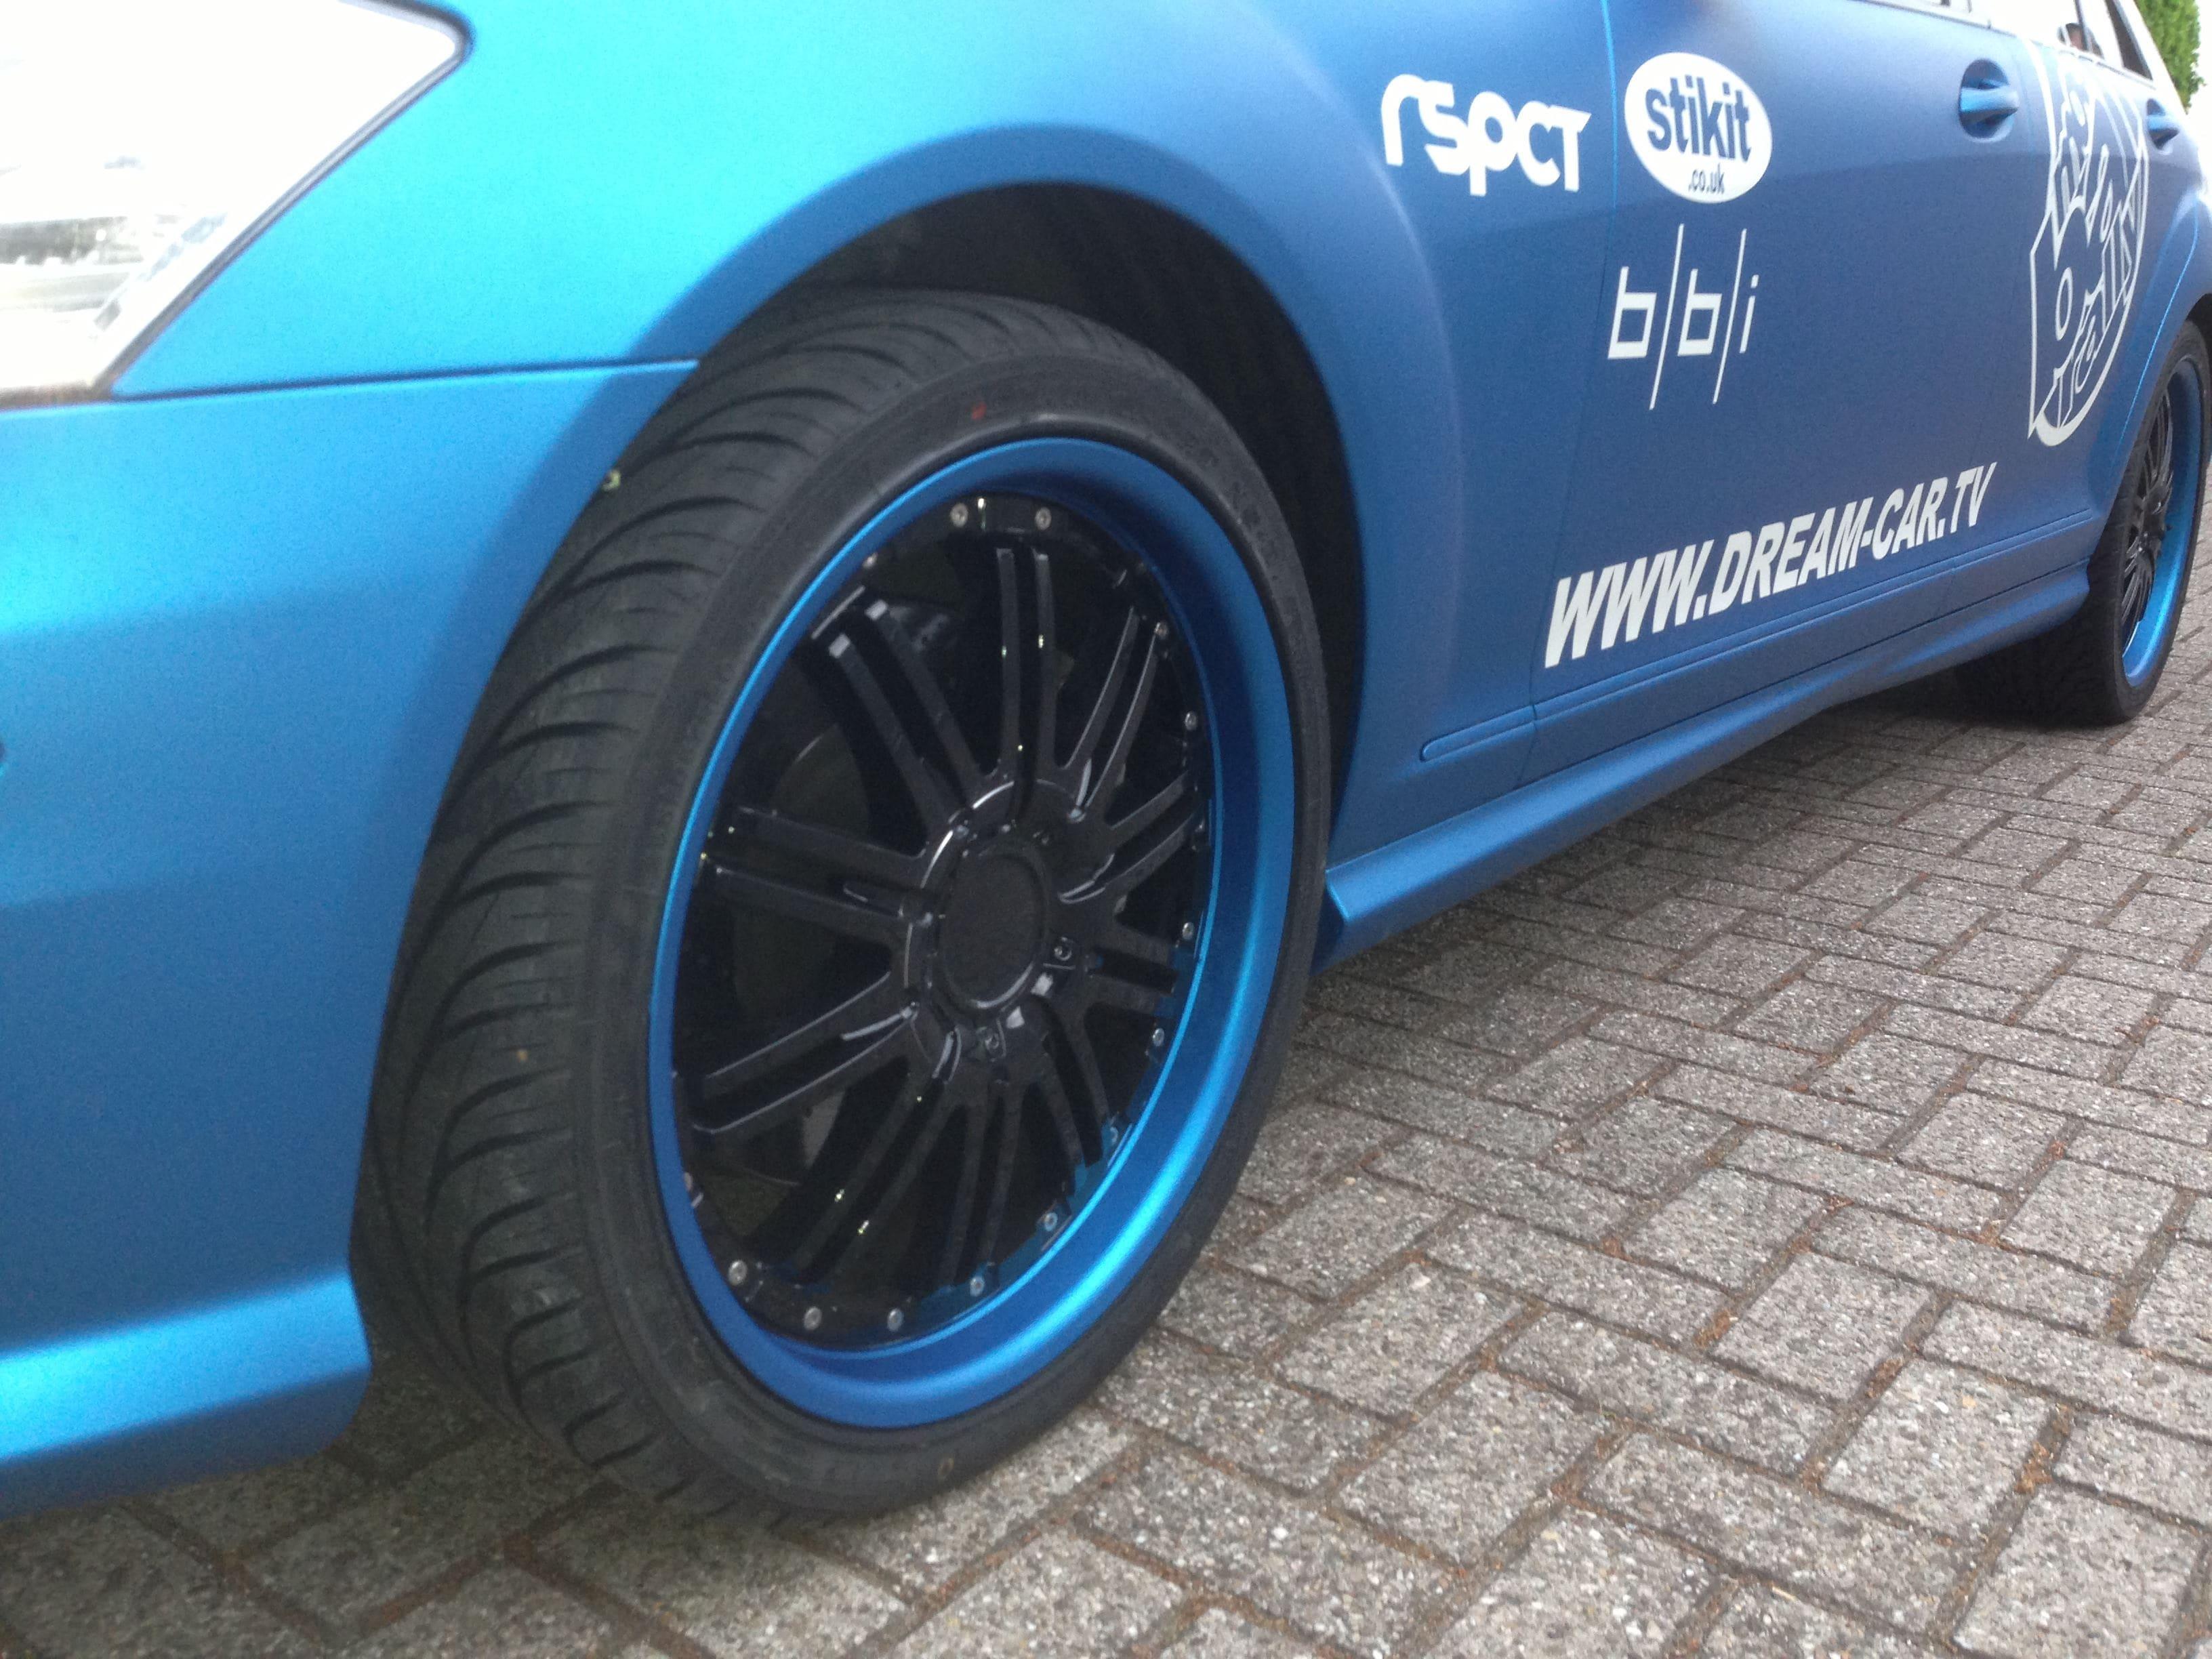 Mercedes S-Klasse AMG met Speciale Modball Wrap, Carwrapping door Wrapmyride.nu Foto-nr:6333, ©2020